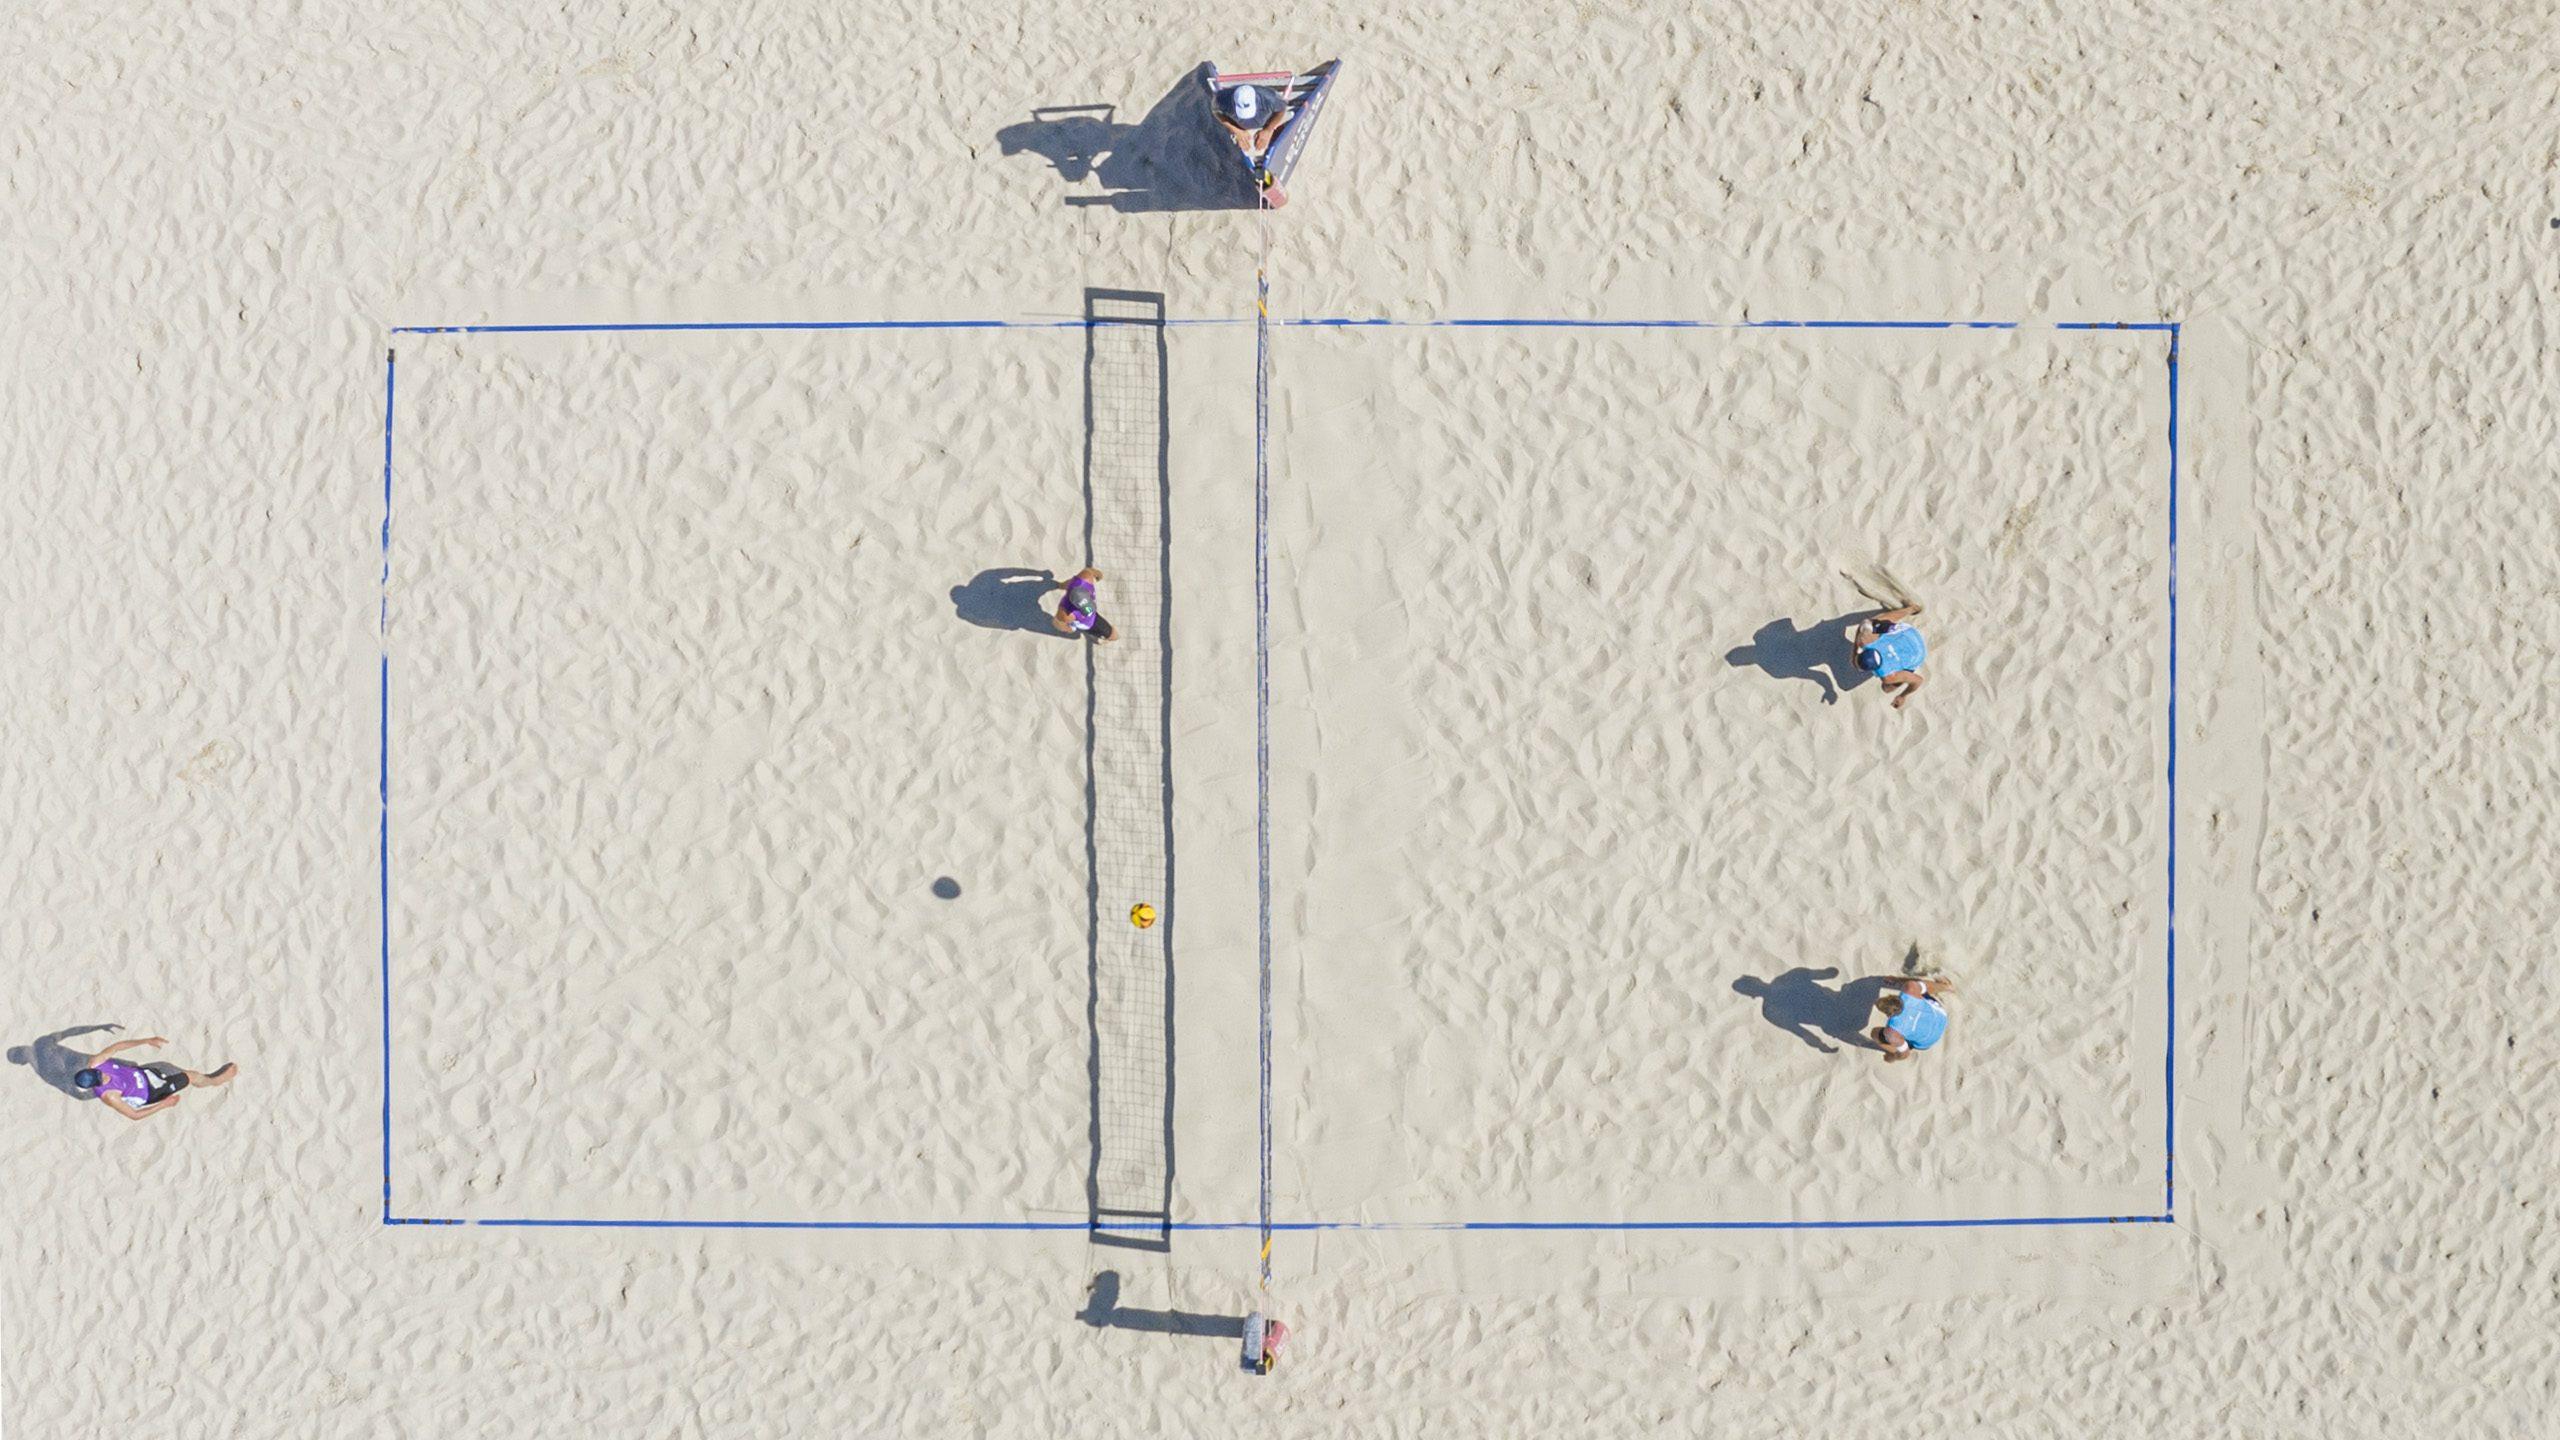 Beachvolleyball-Elite kämpft um German Beach Trophy